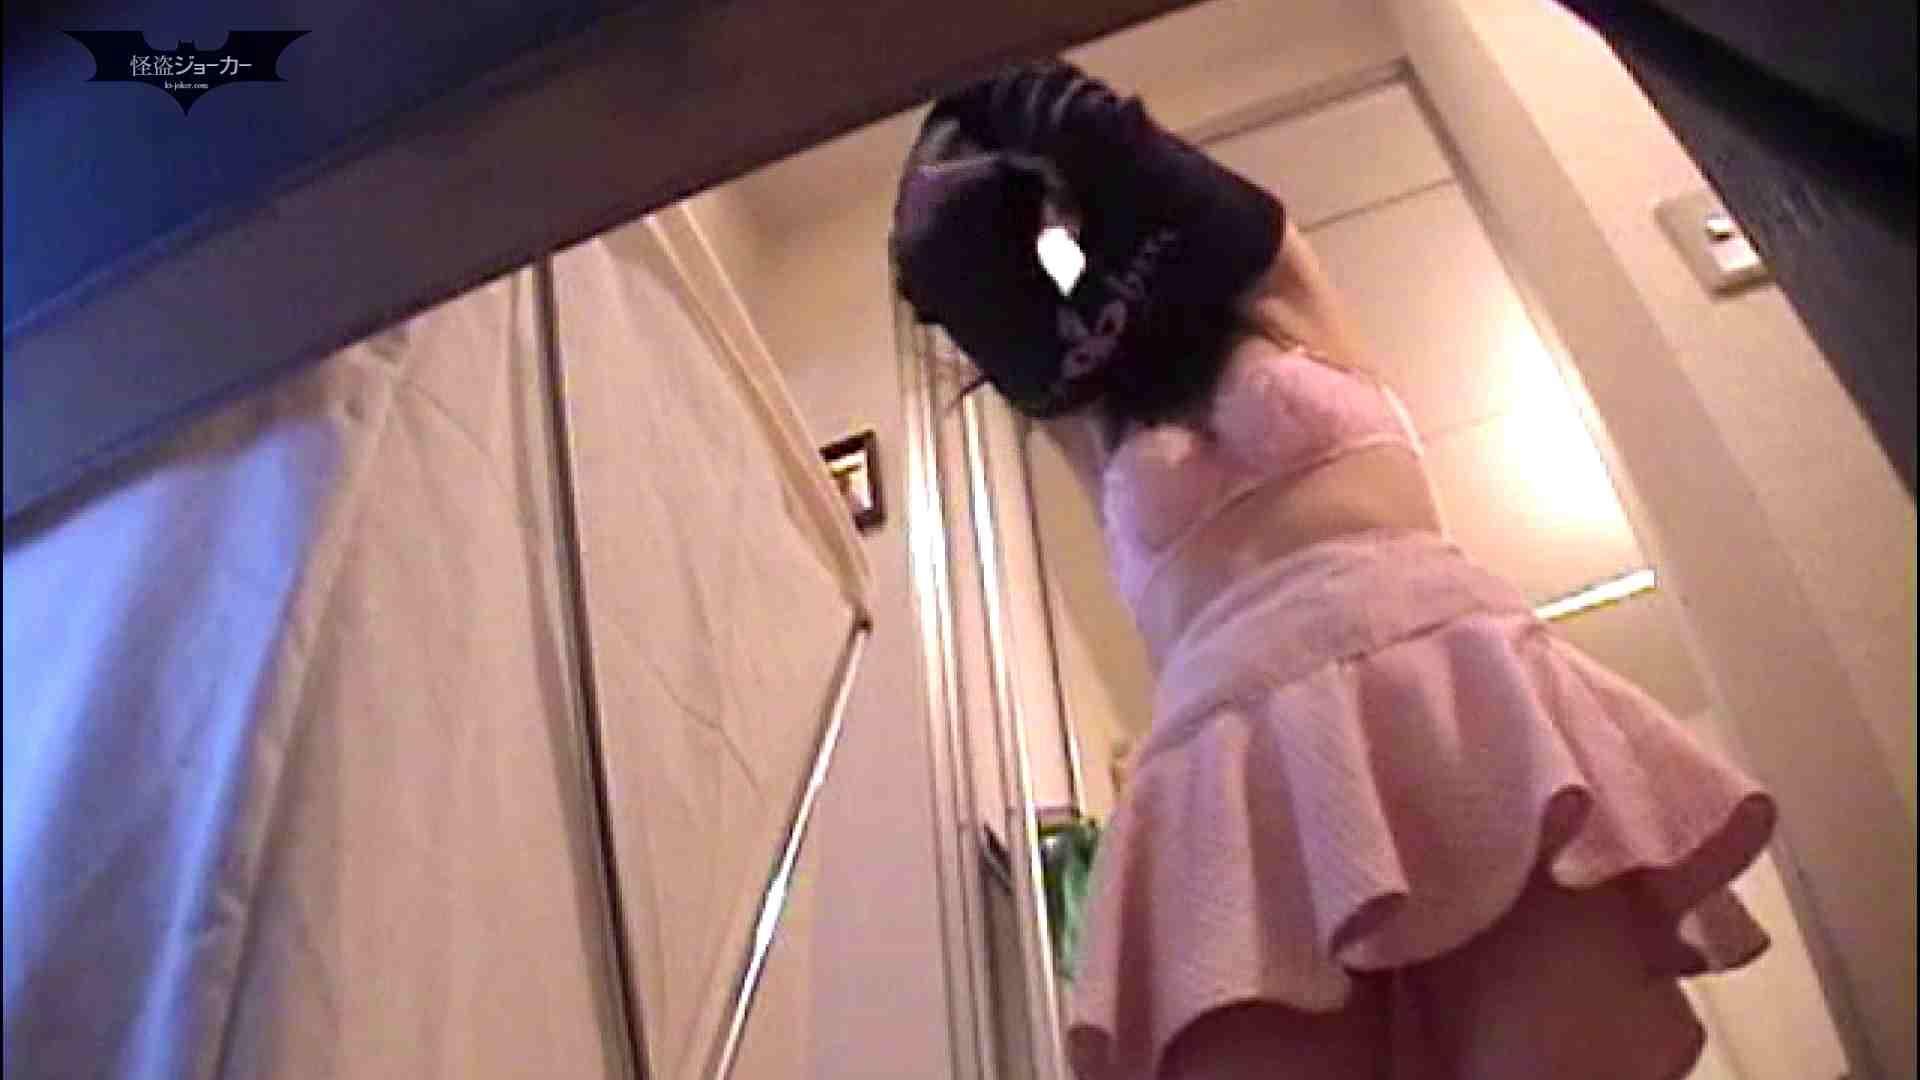 素人女良を部屋に連れ込み隠し撮りSEX!! その③ 美白女良さやか 素人  59PIX 7